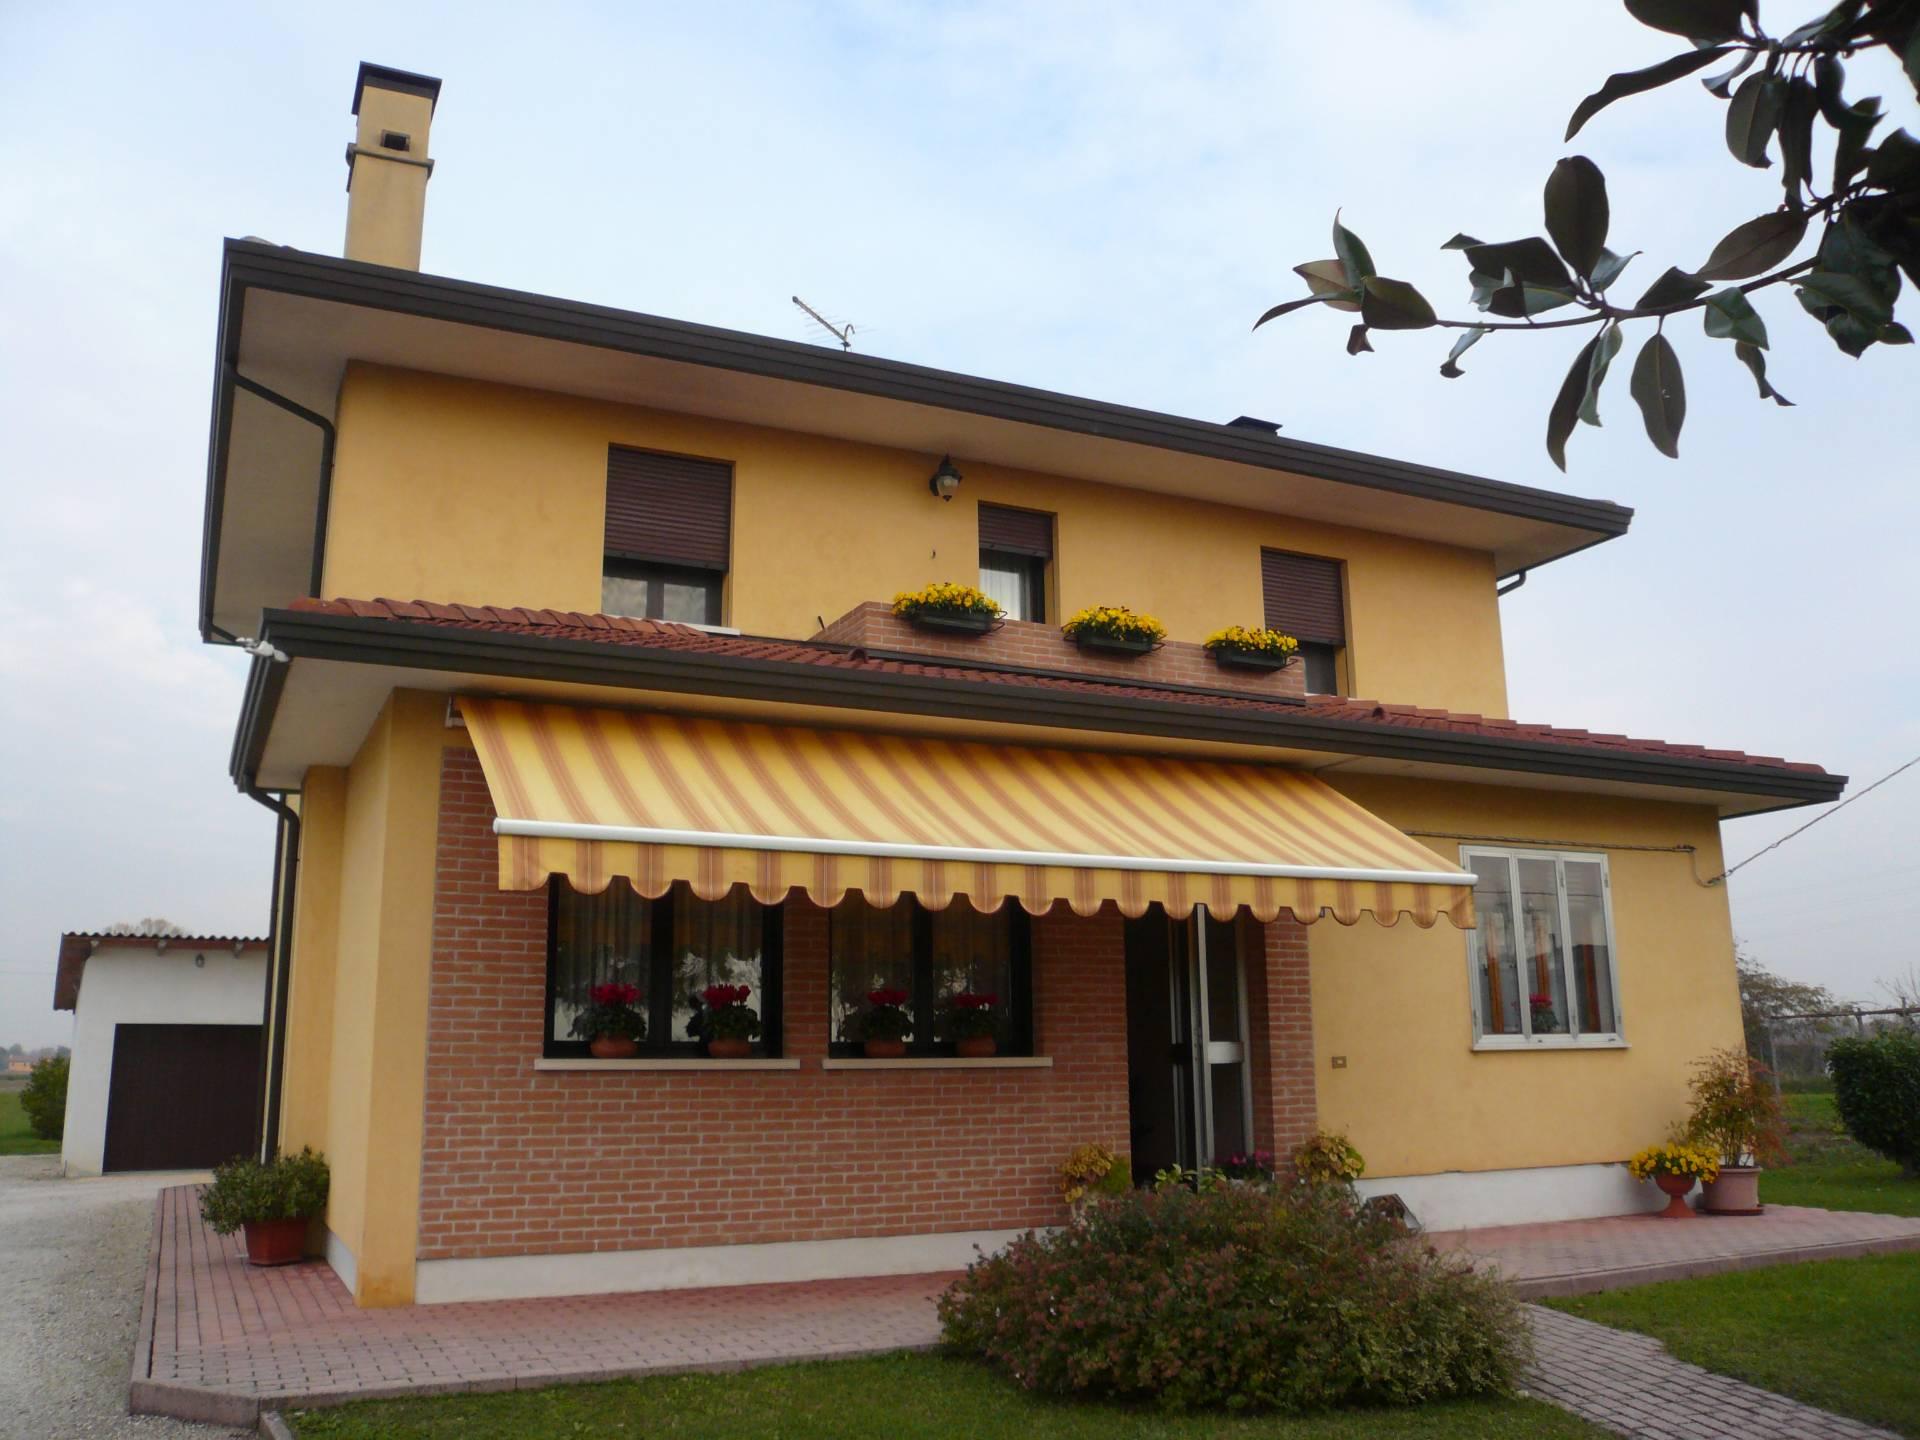 Villa in vendita a Meolo, 10 locali, zona Località: LossondellaBattaglia, prezzo € 280.000   Cambio Casa.it